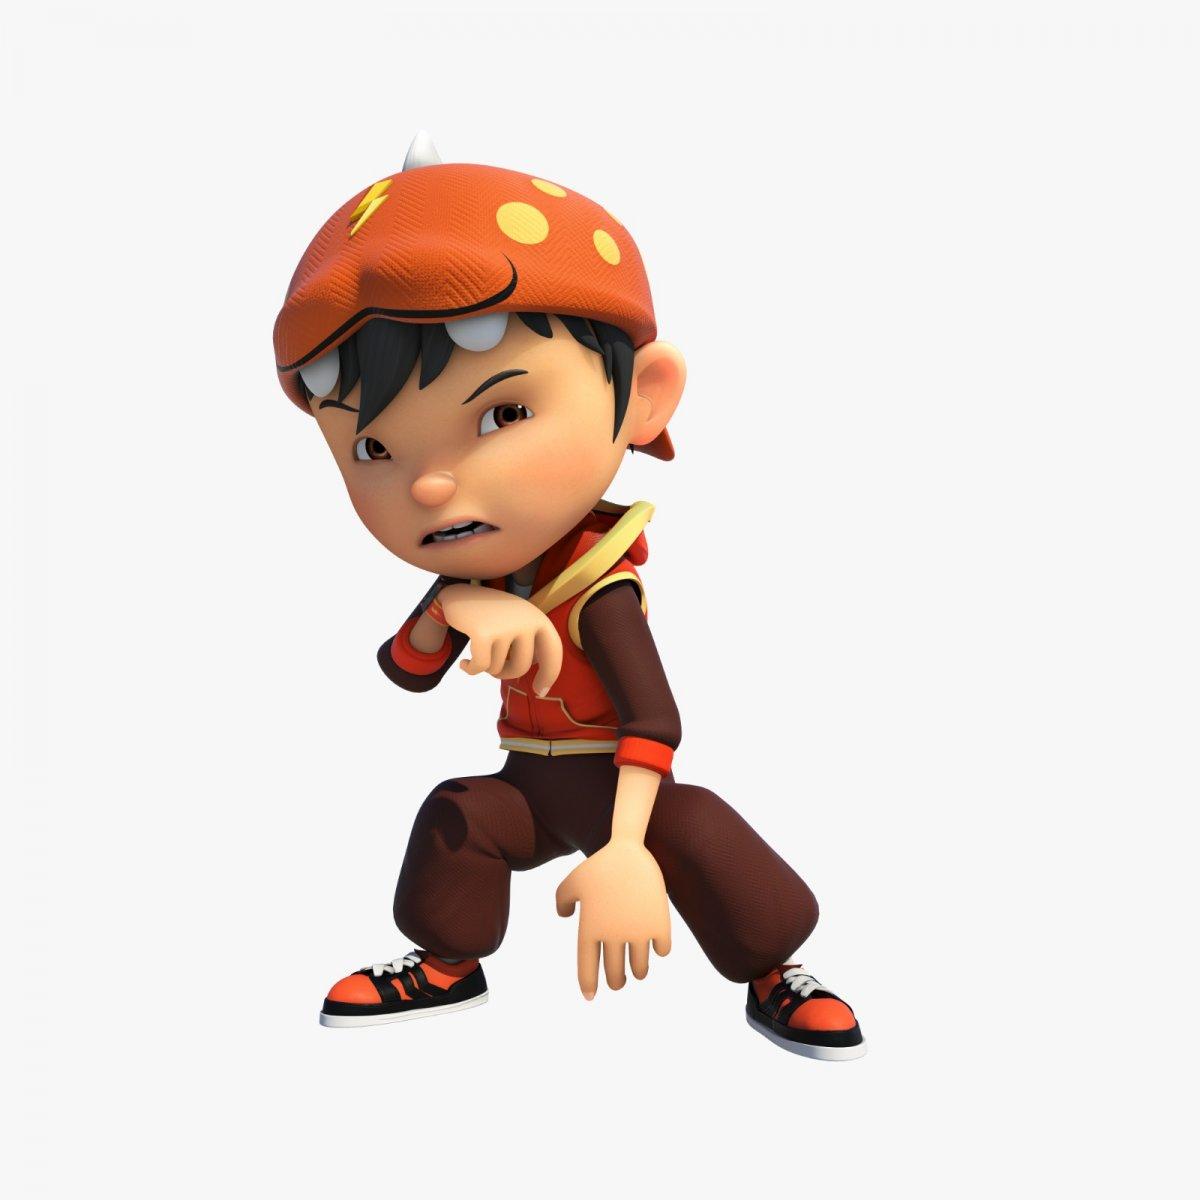 Animasyon dünyasının ilk başörtülü süper kahramanı Yaya, BoBoiBoy ile sinemalarda #4